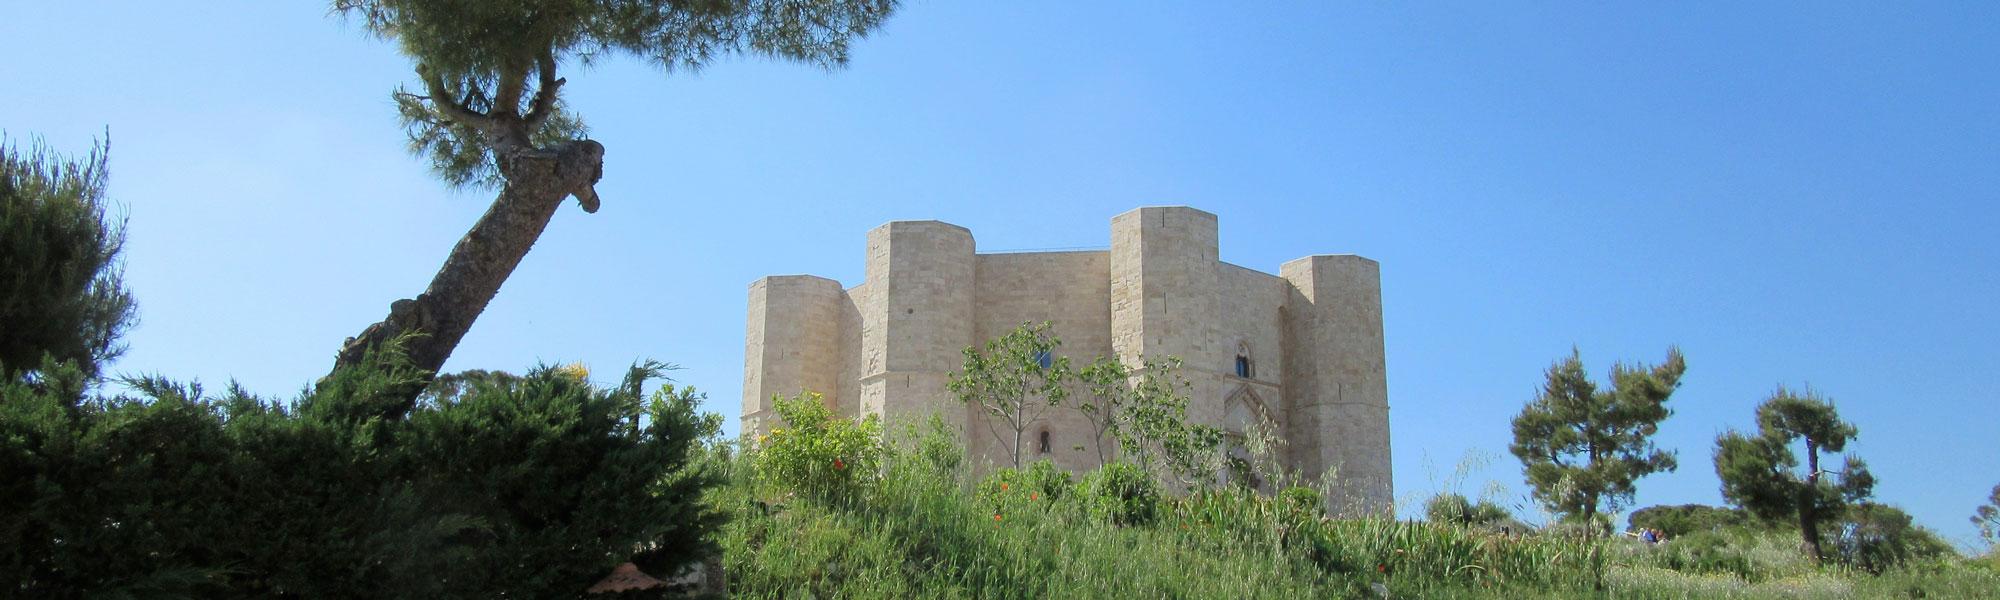 castel_del_monte_visite_guidate